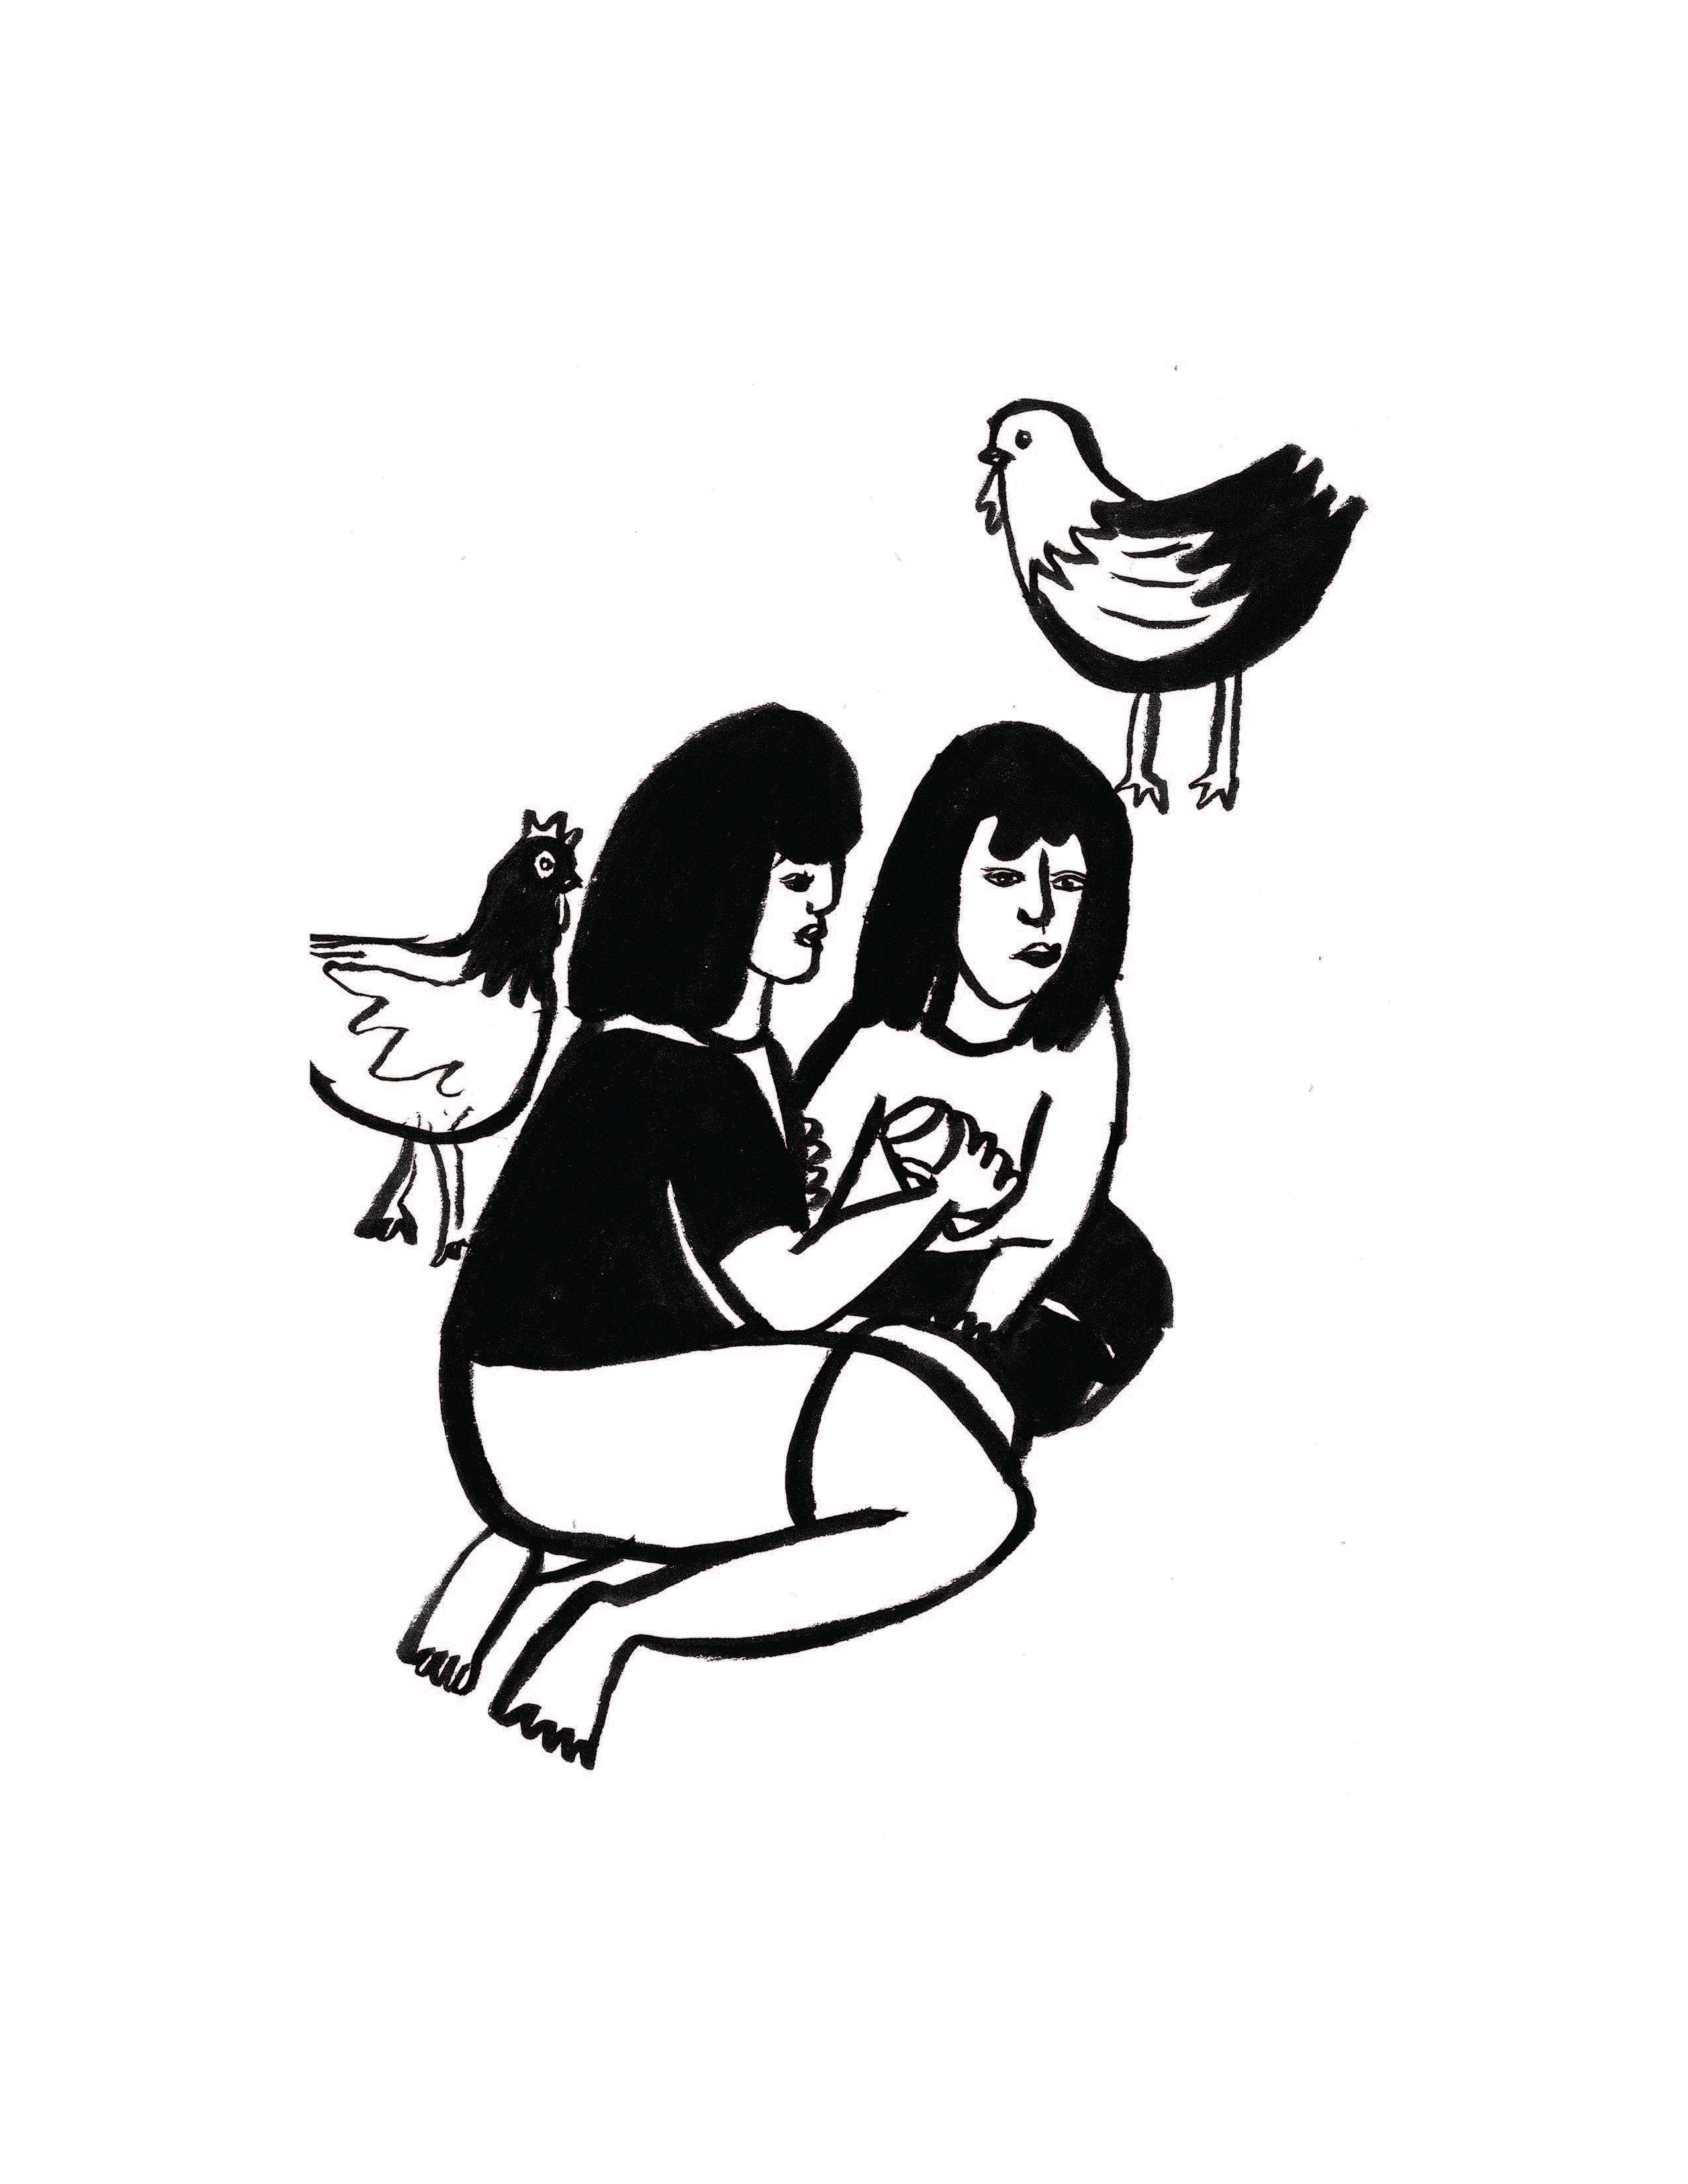 ladies_drawings_8.5x11_Page_01